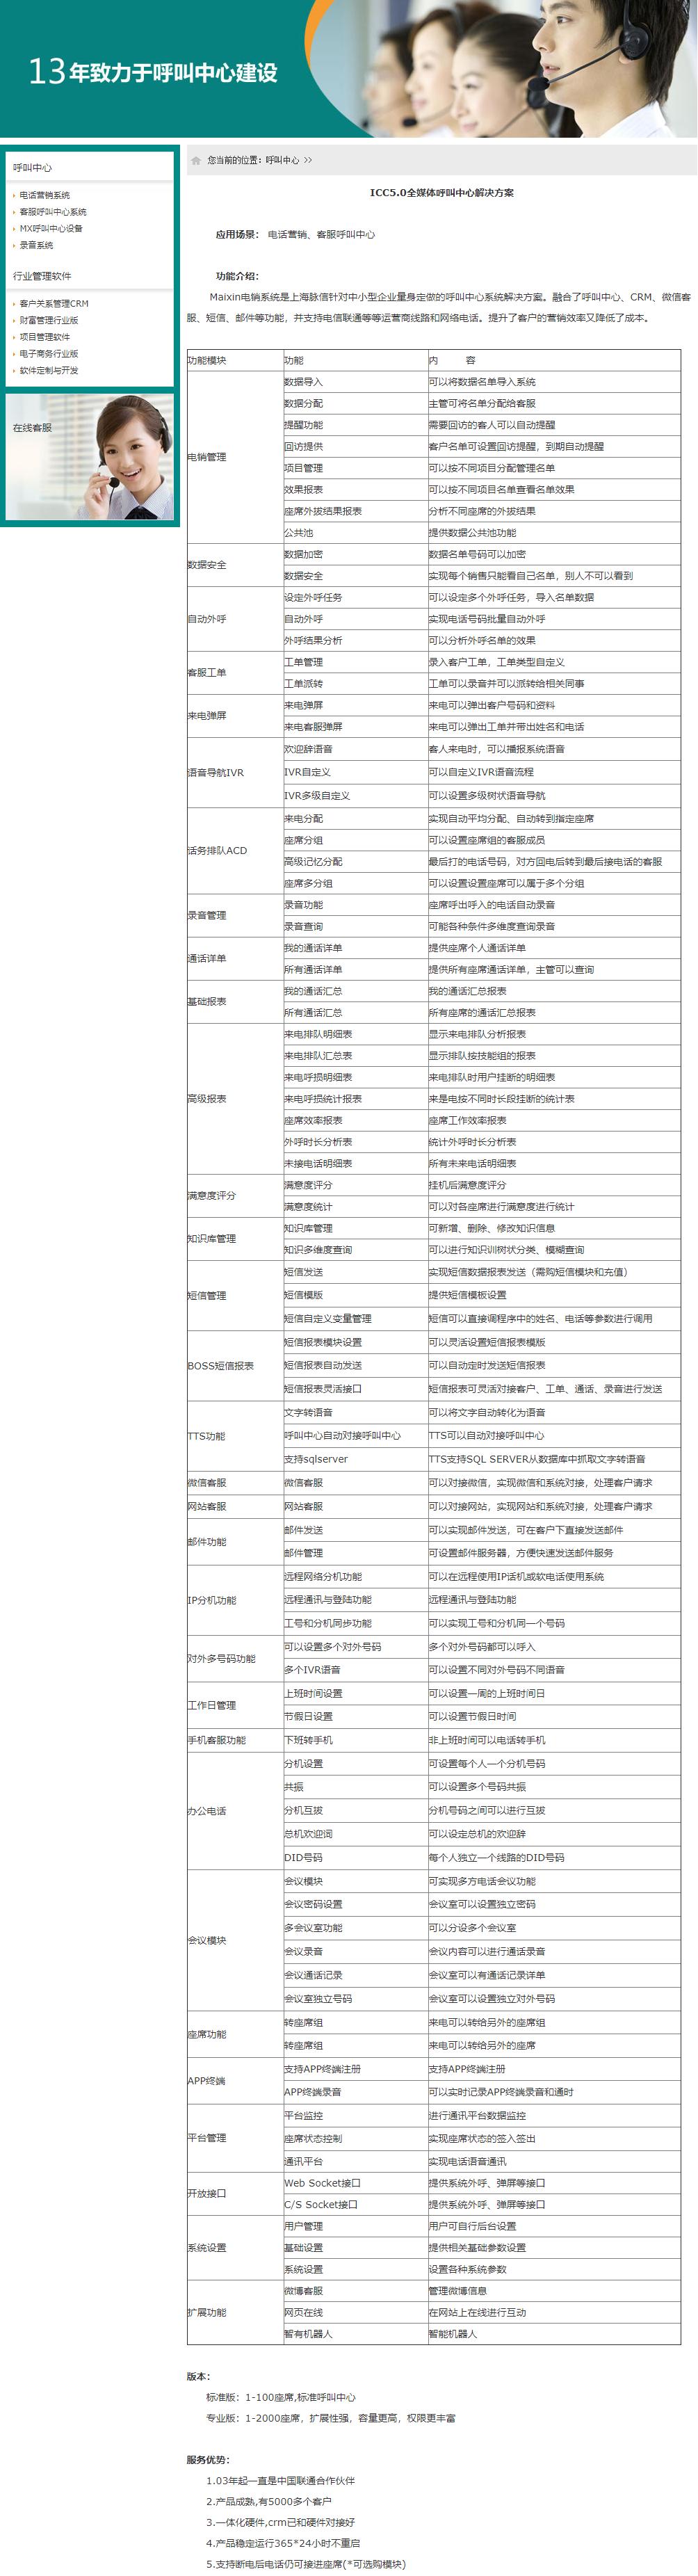 上海脉信.png